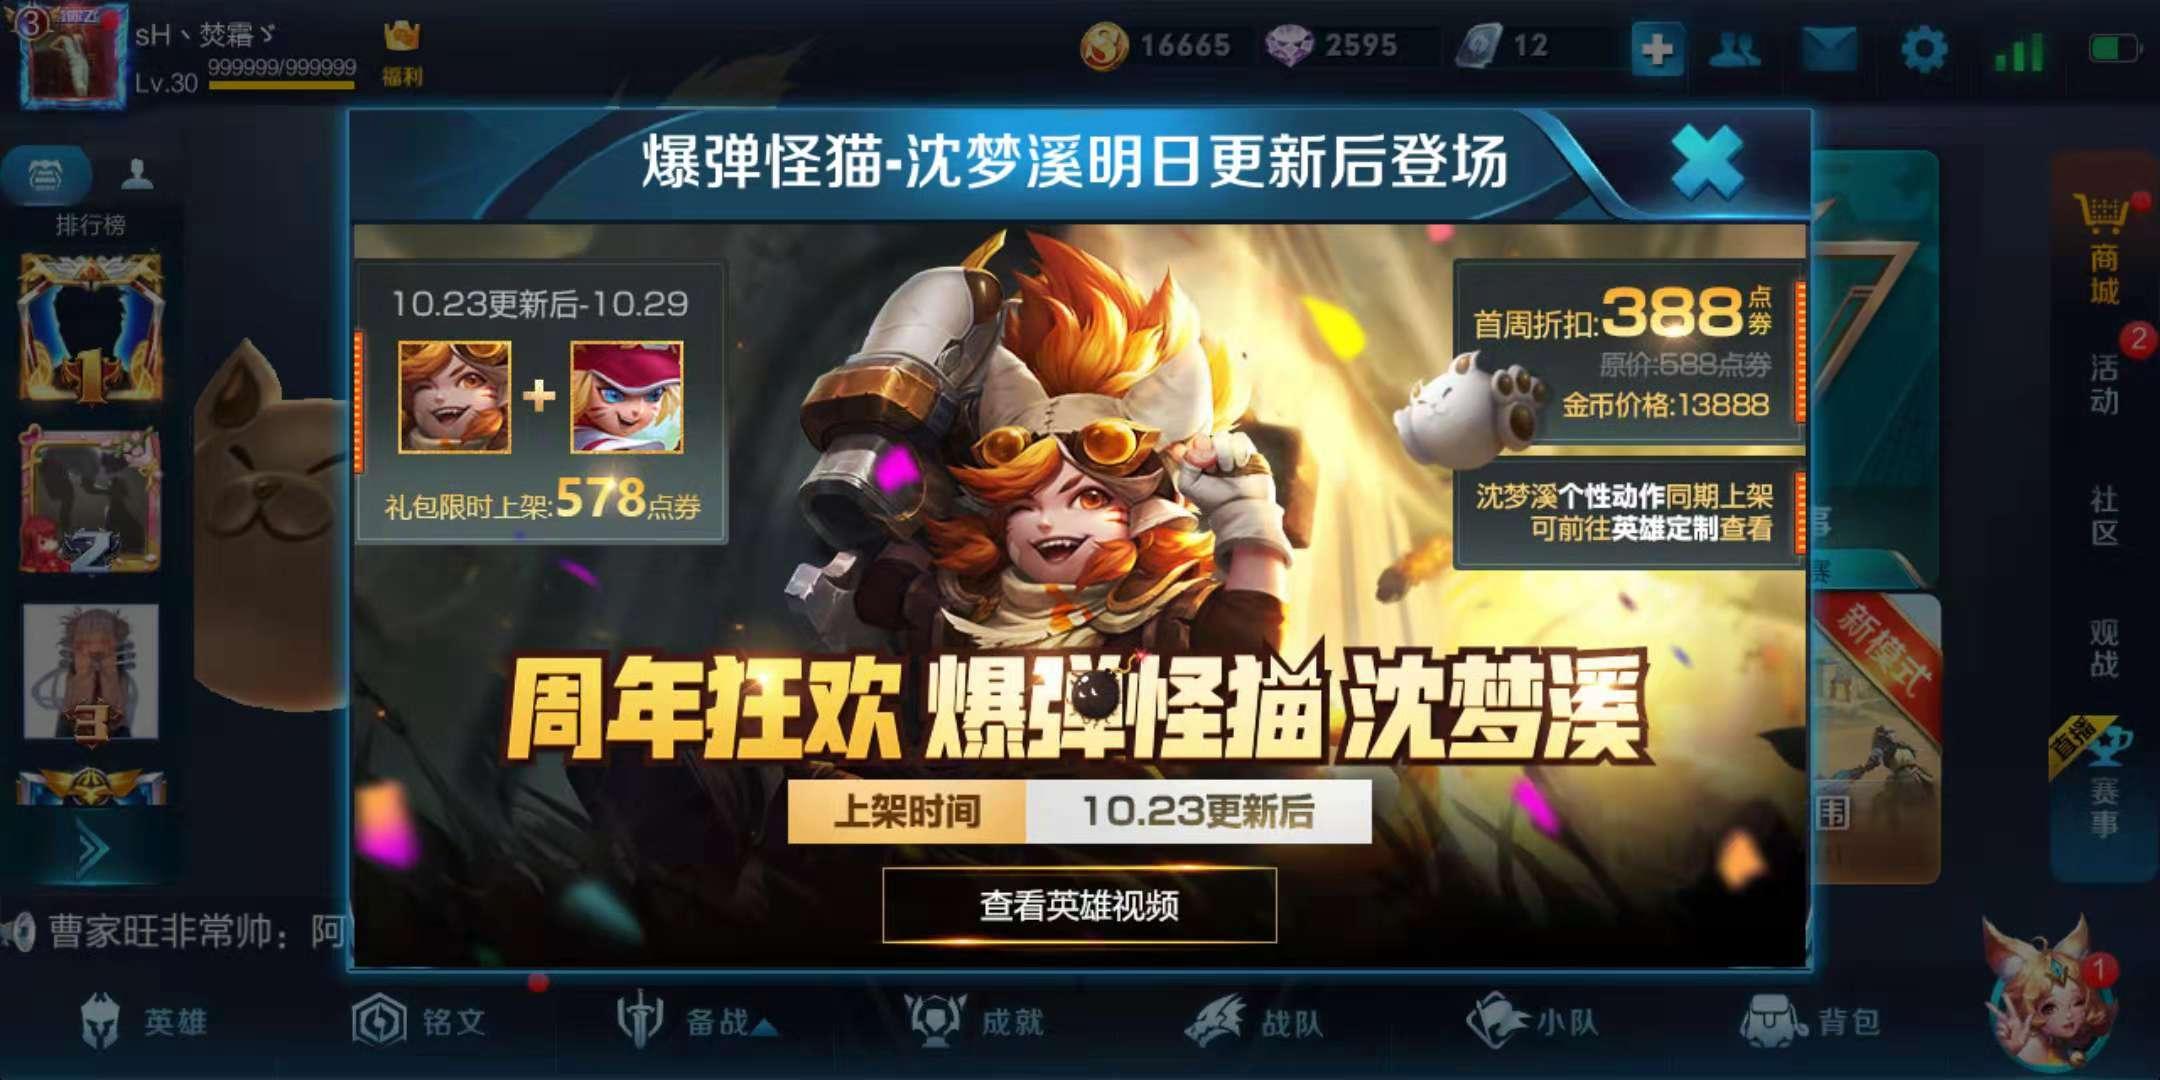 王者荣耀周年庆沈梦溪上线 沈梦溪出装铭文玩法推荐